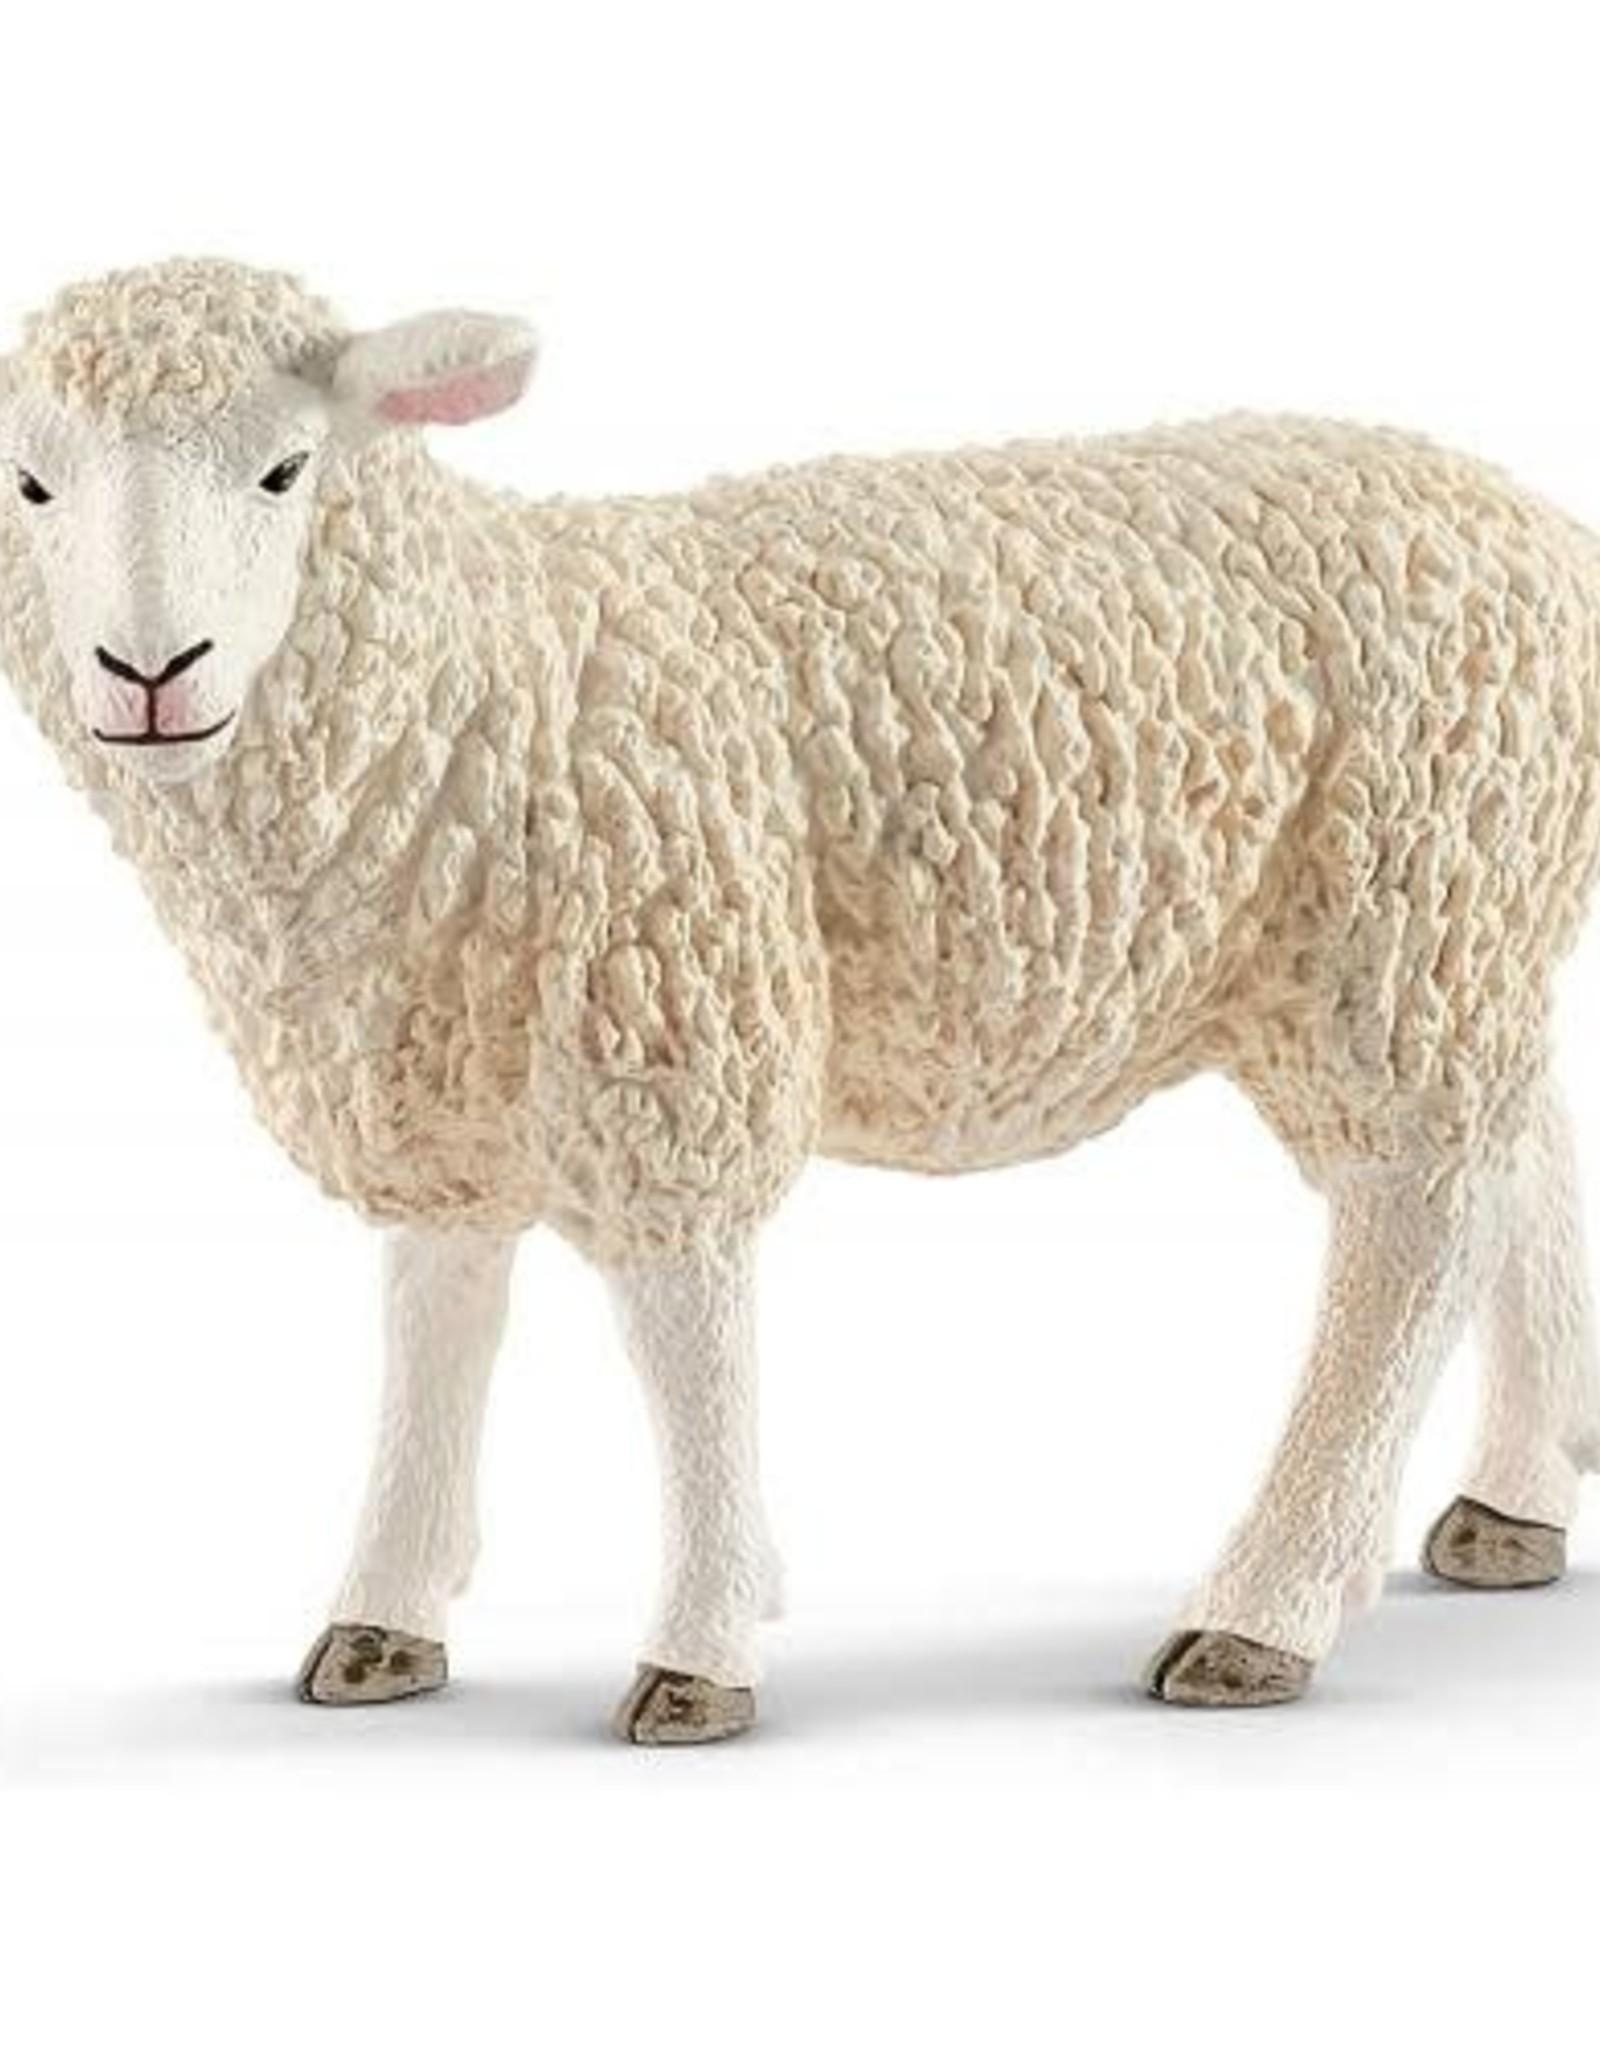 Schleich Schleich Farm World - Sheep